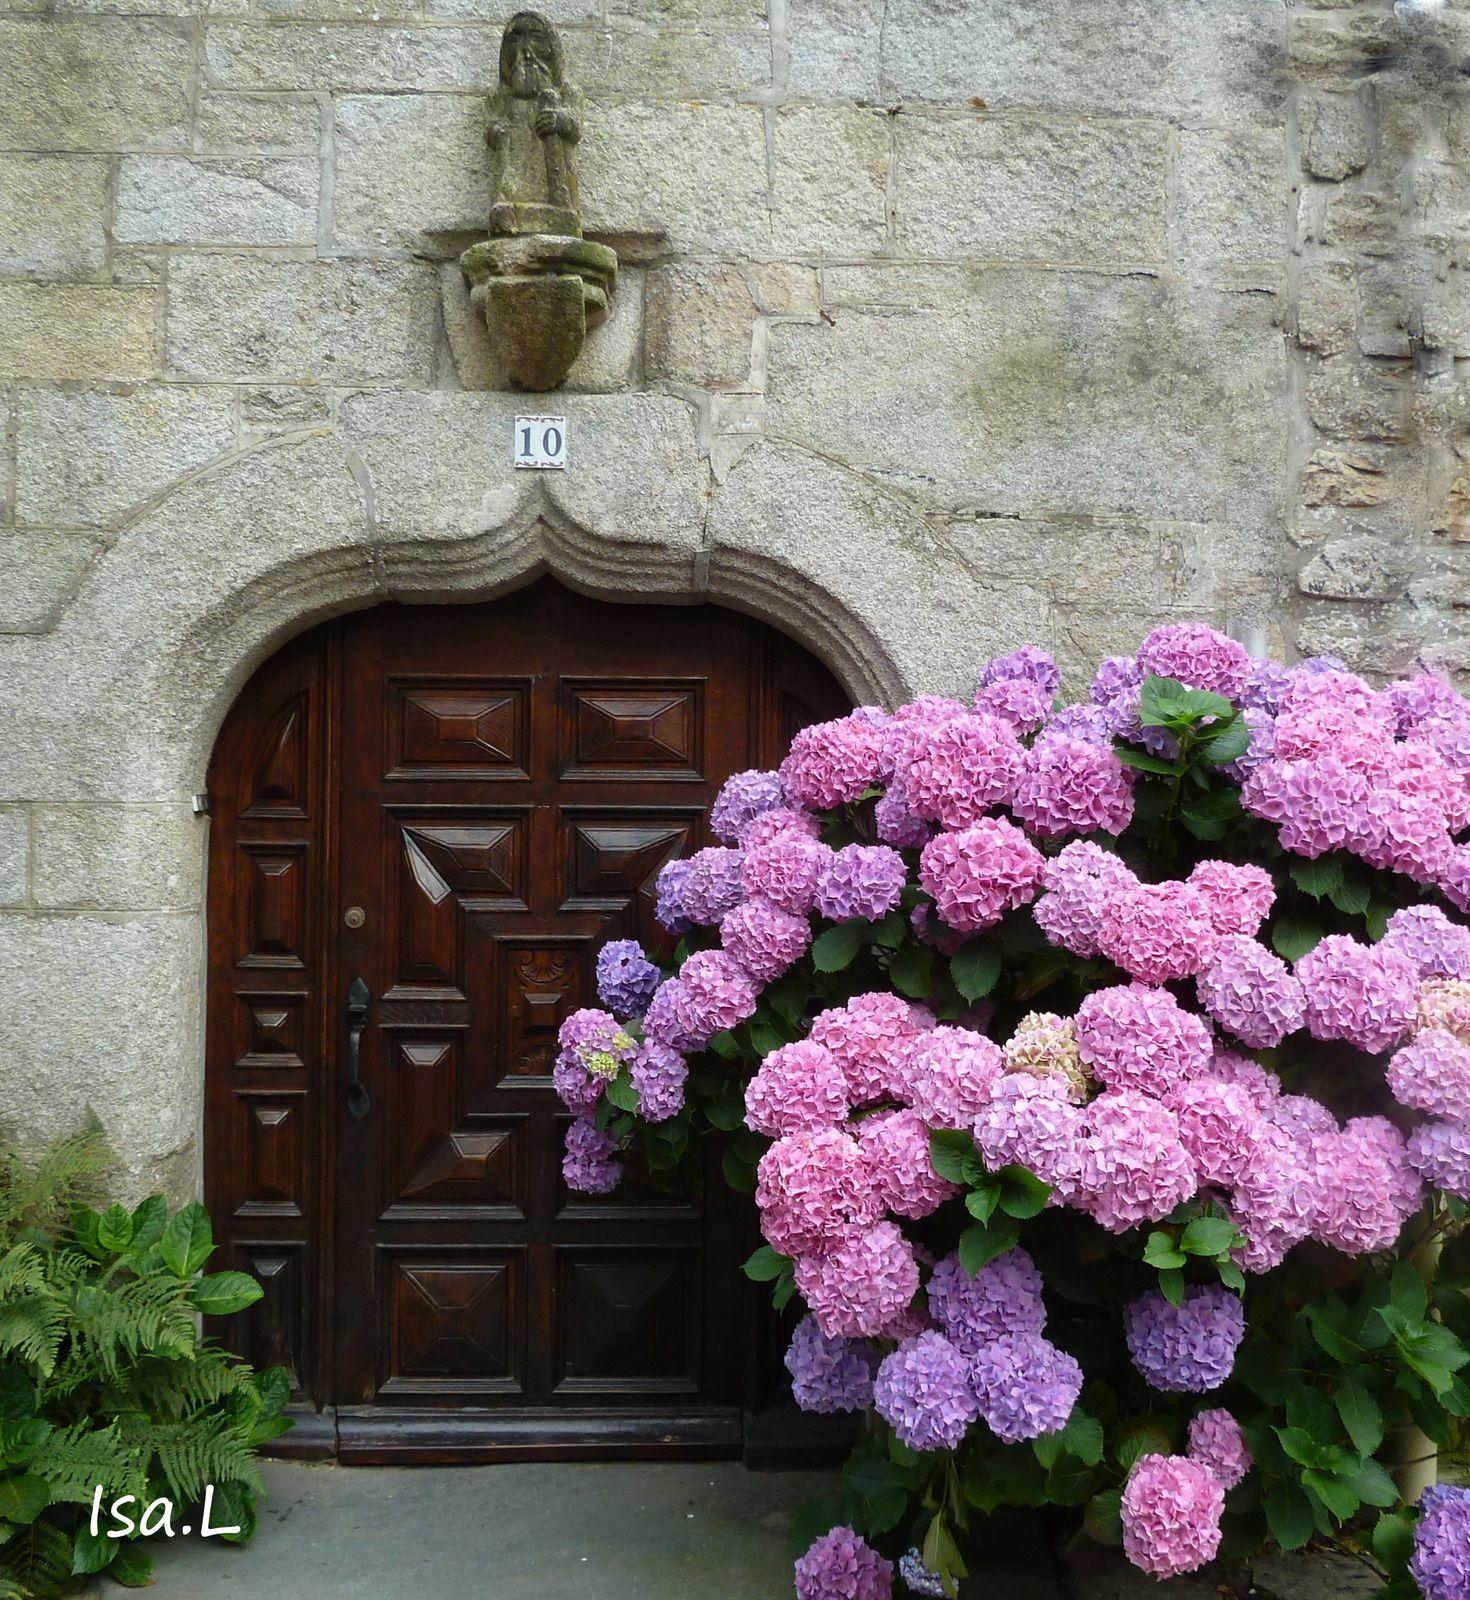 Petites portes, petits bretons?